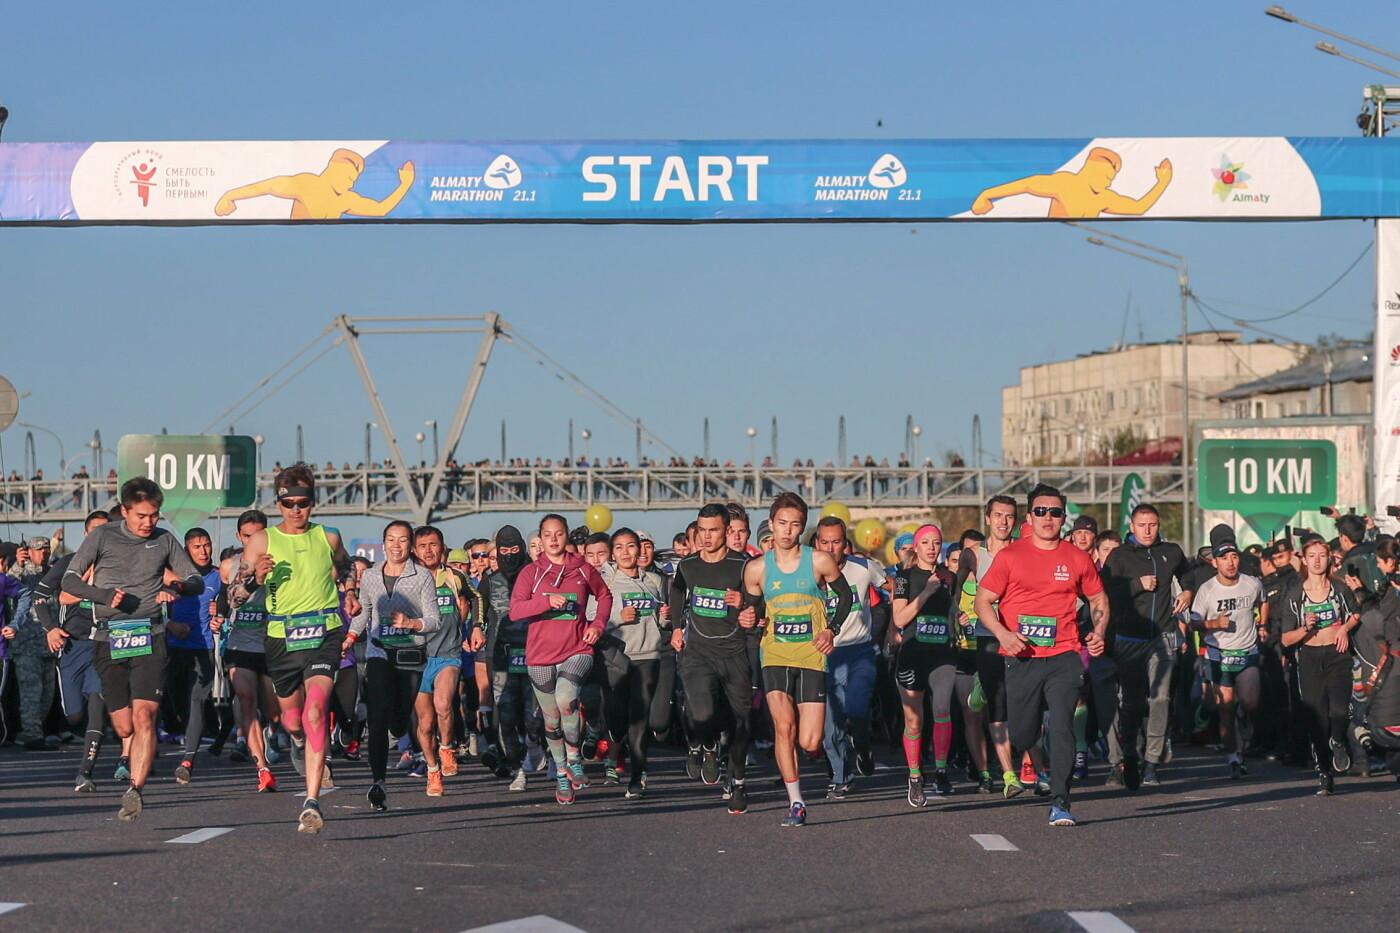 В Алматы состоялся полумарафон спортсменов-любителей (фото), фото-5